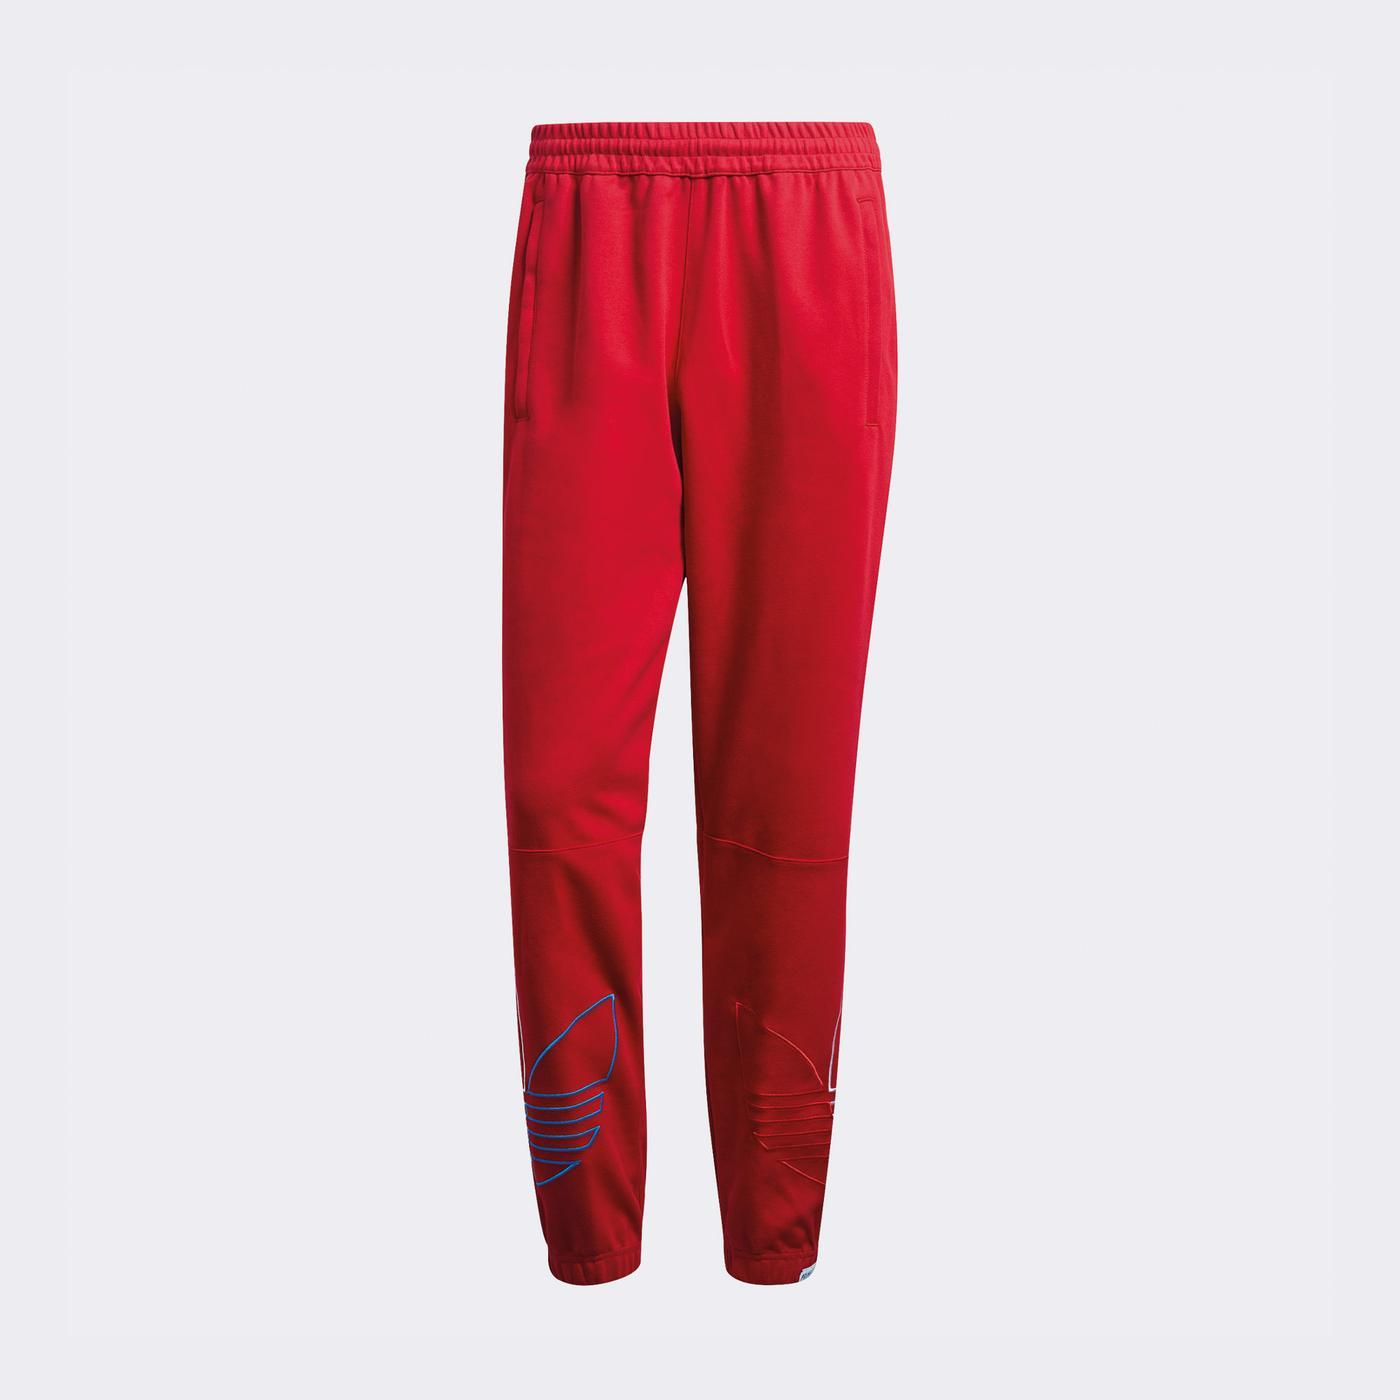 adidas Fto Erkek Kırmızı Eşofman Altı